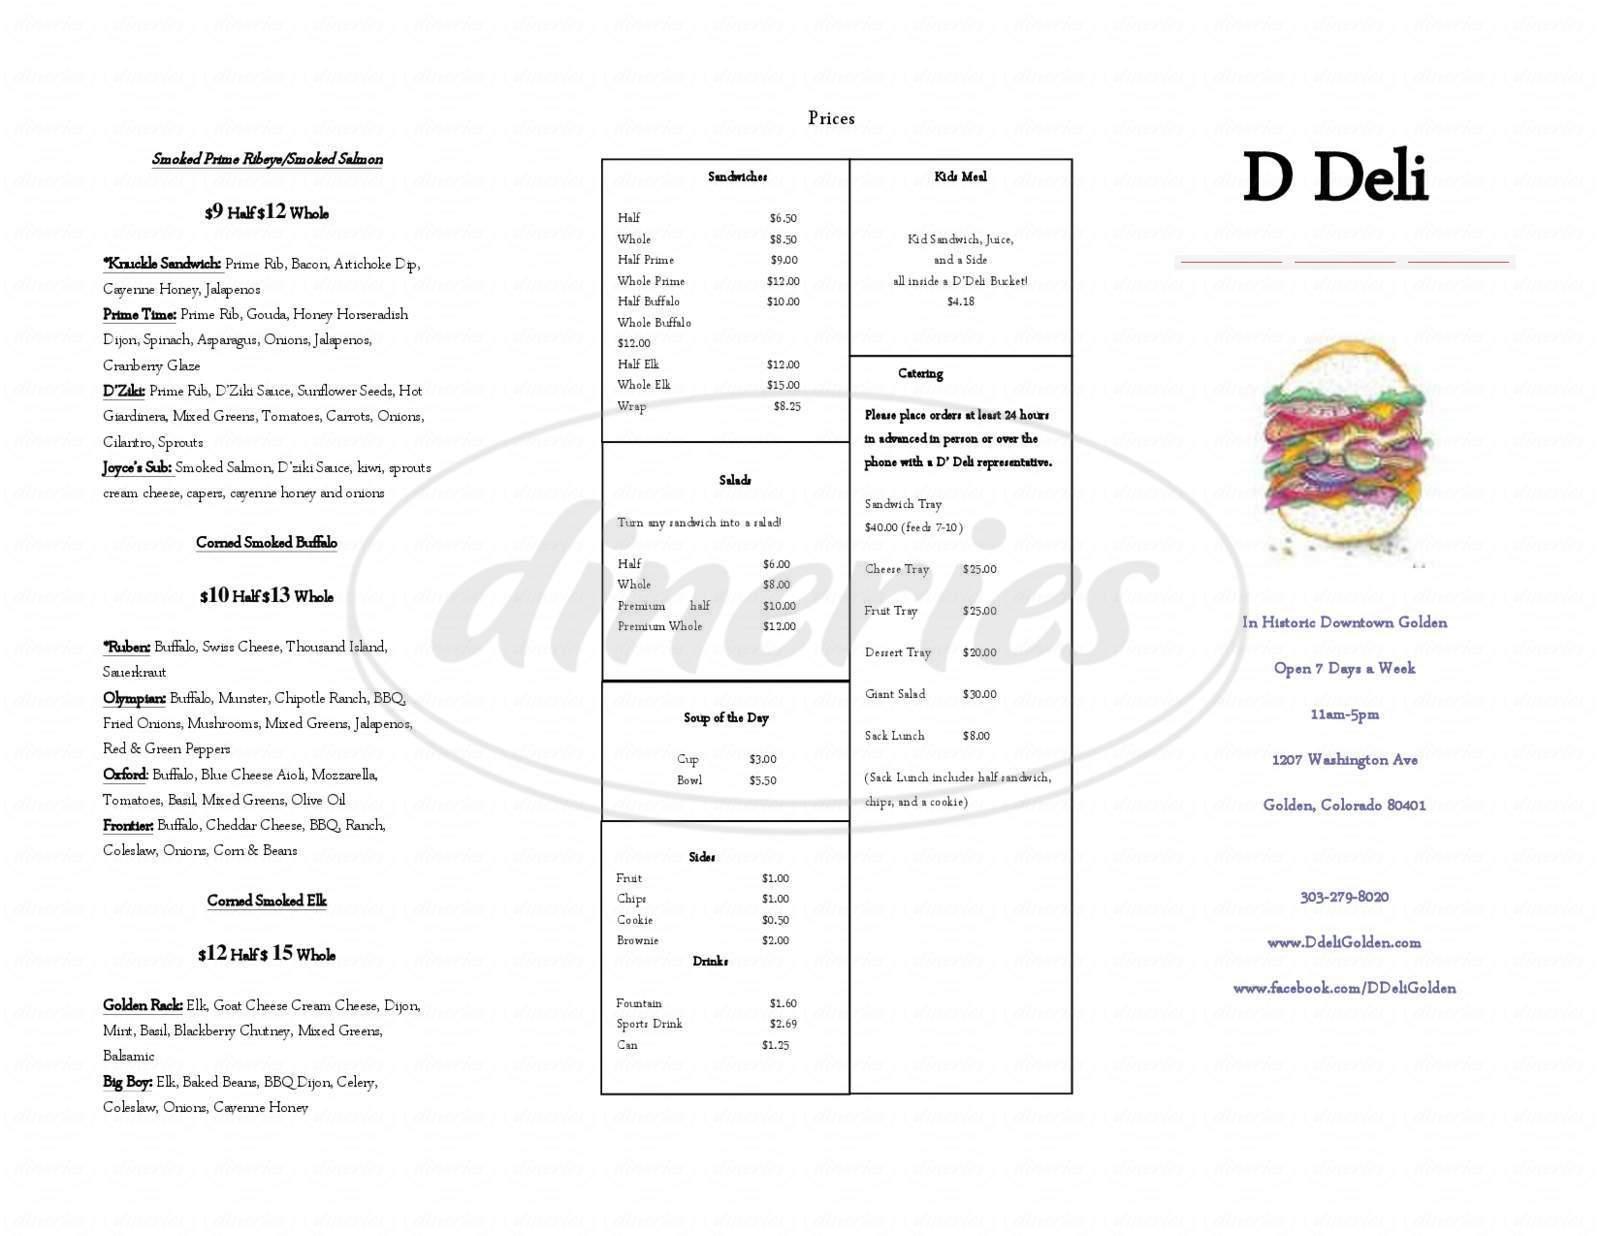 menu for D'deli